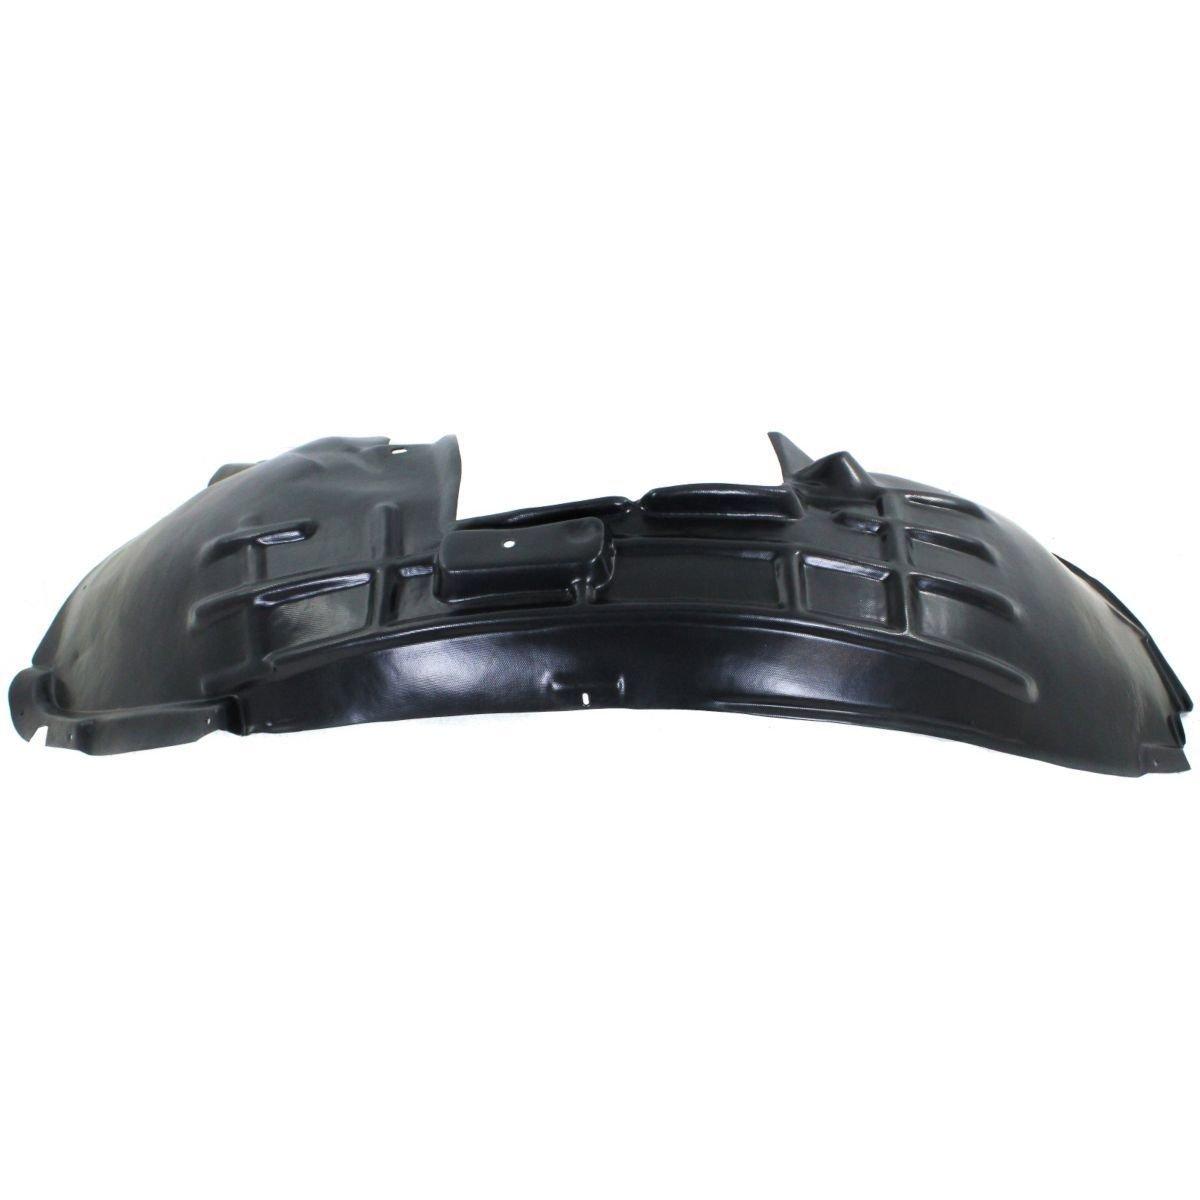 carpartdiscounts 8r0821171 F para Audi Q5 LH lado frontal interior guardabarros protección contra salpicaduras maletero au1248122: Amazon.es: Coche y moto